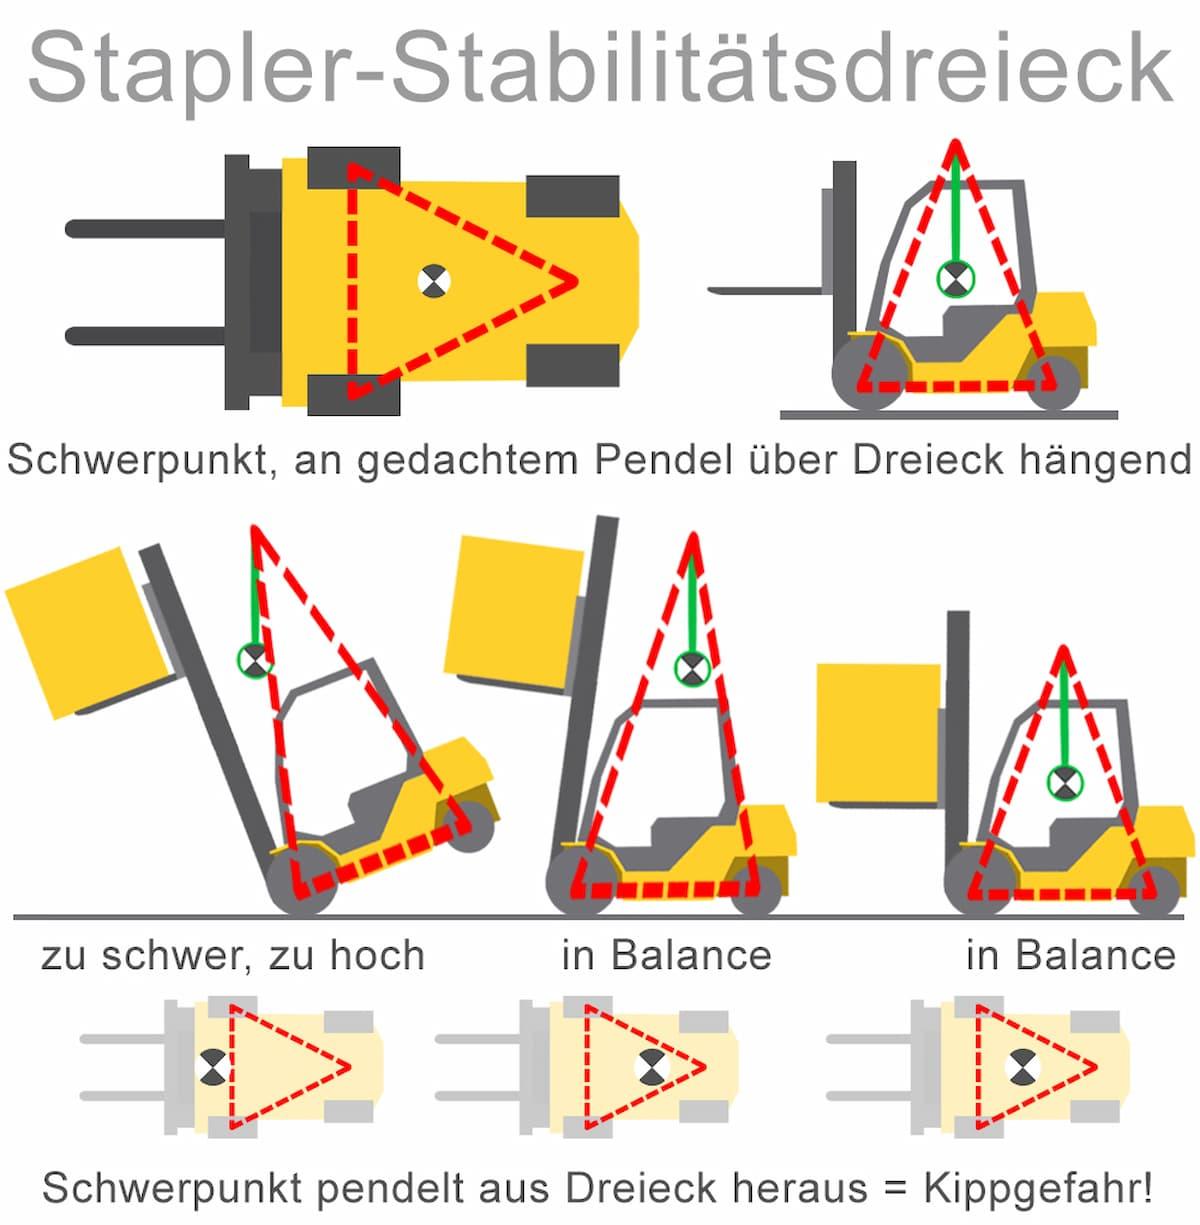 Stabilitätsdreieck bei Staplern